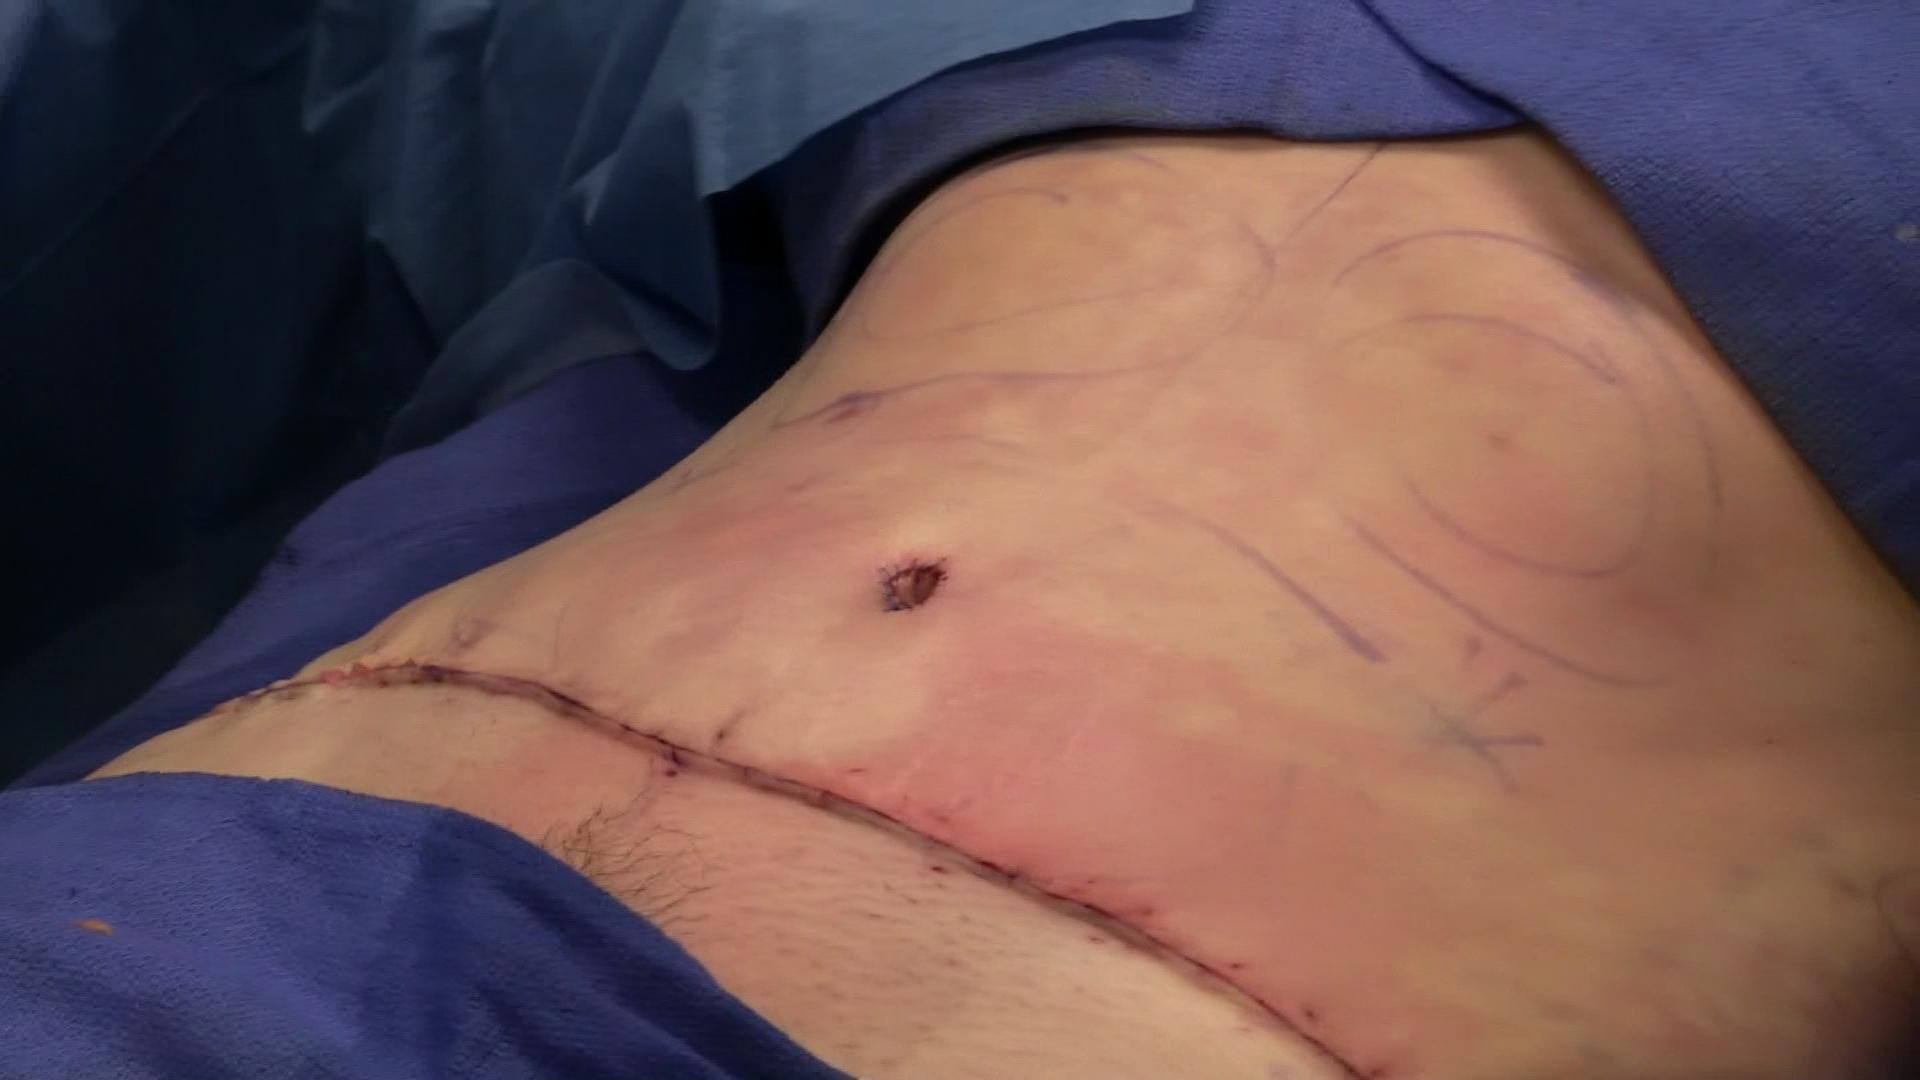 abdominoplasty surgery